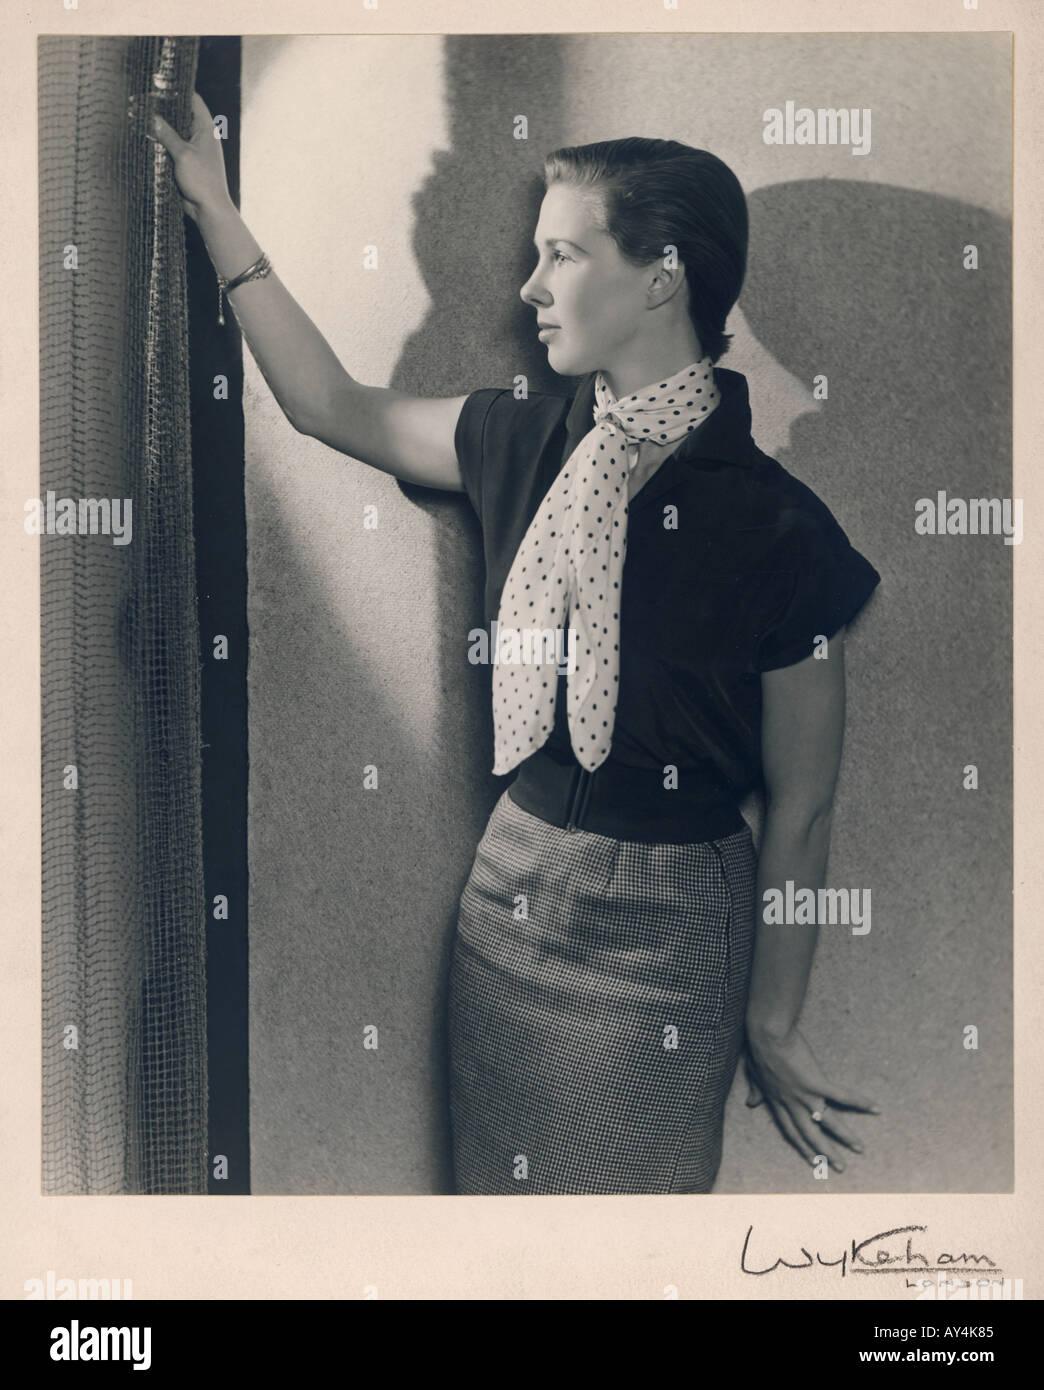 50er Jahre Girl von Wykeham Stockbild